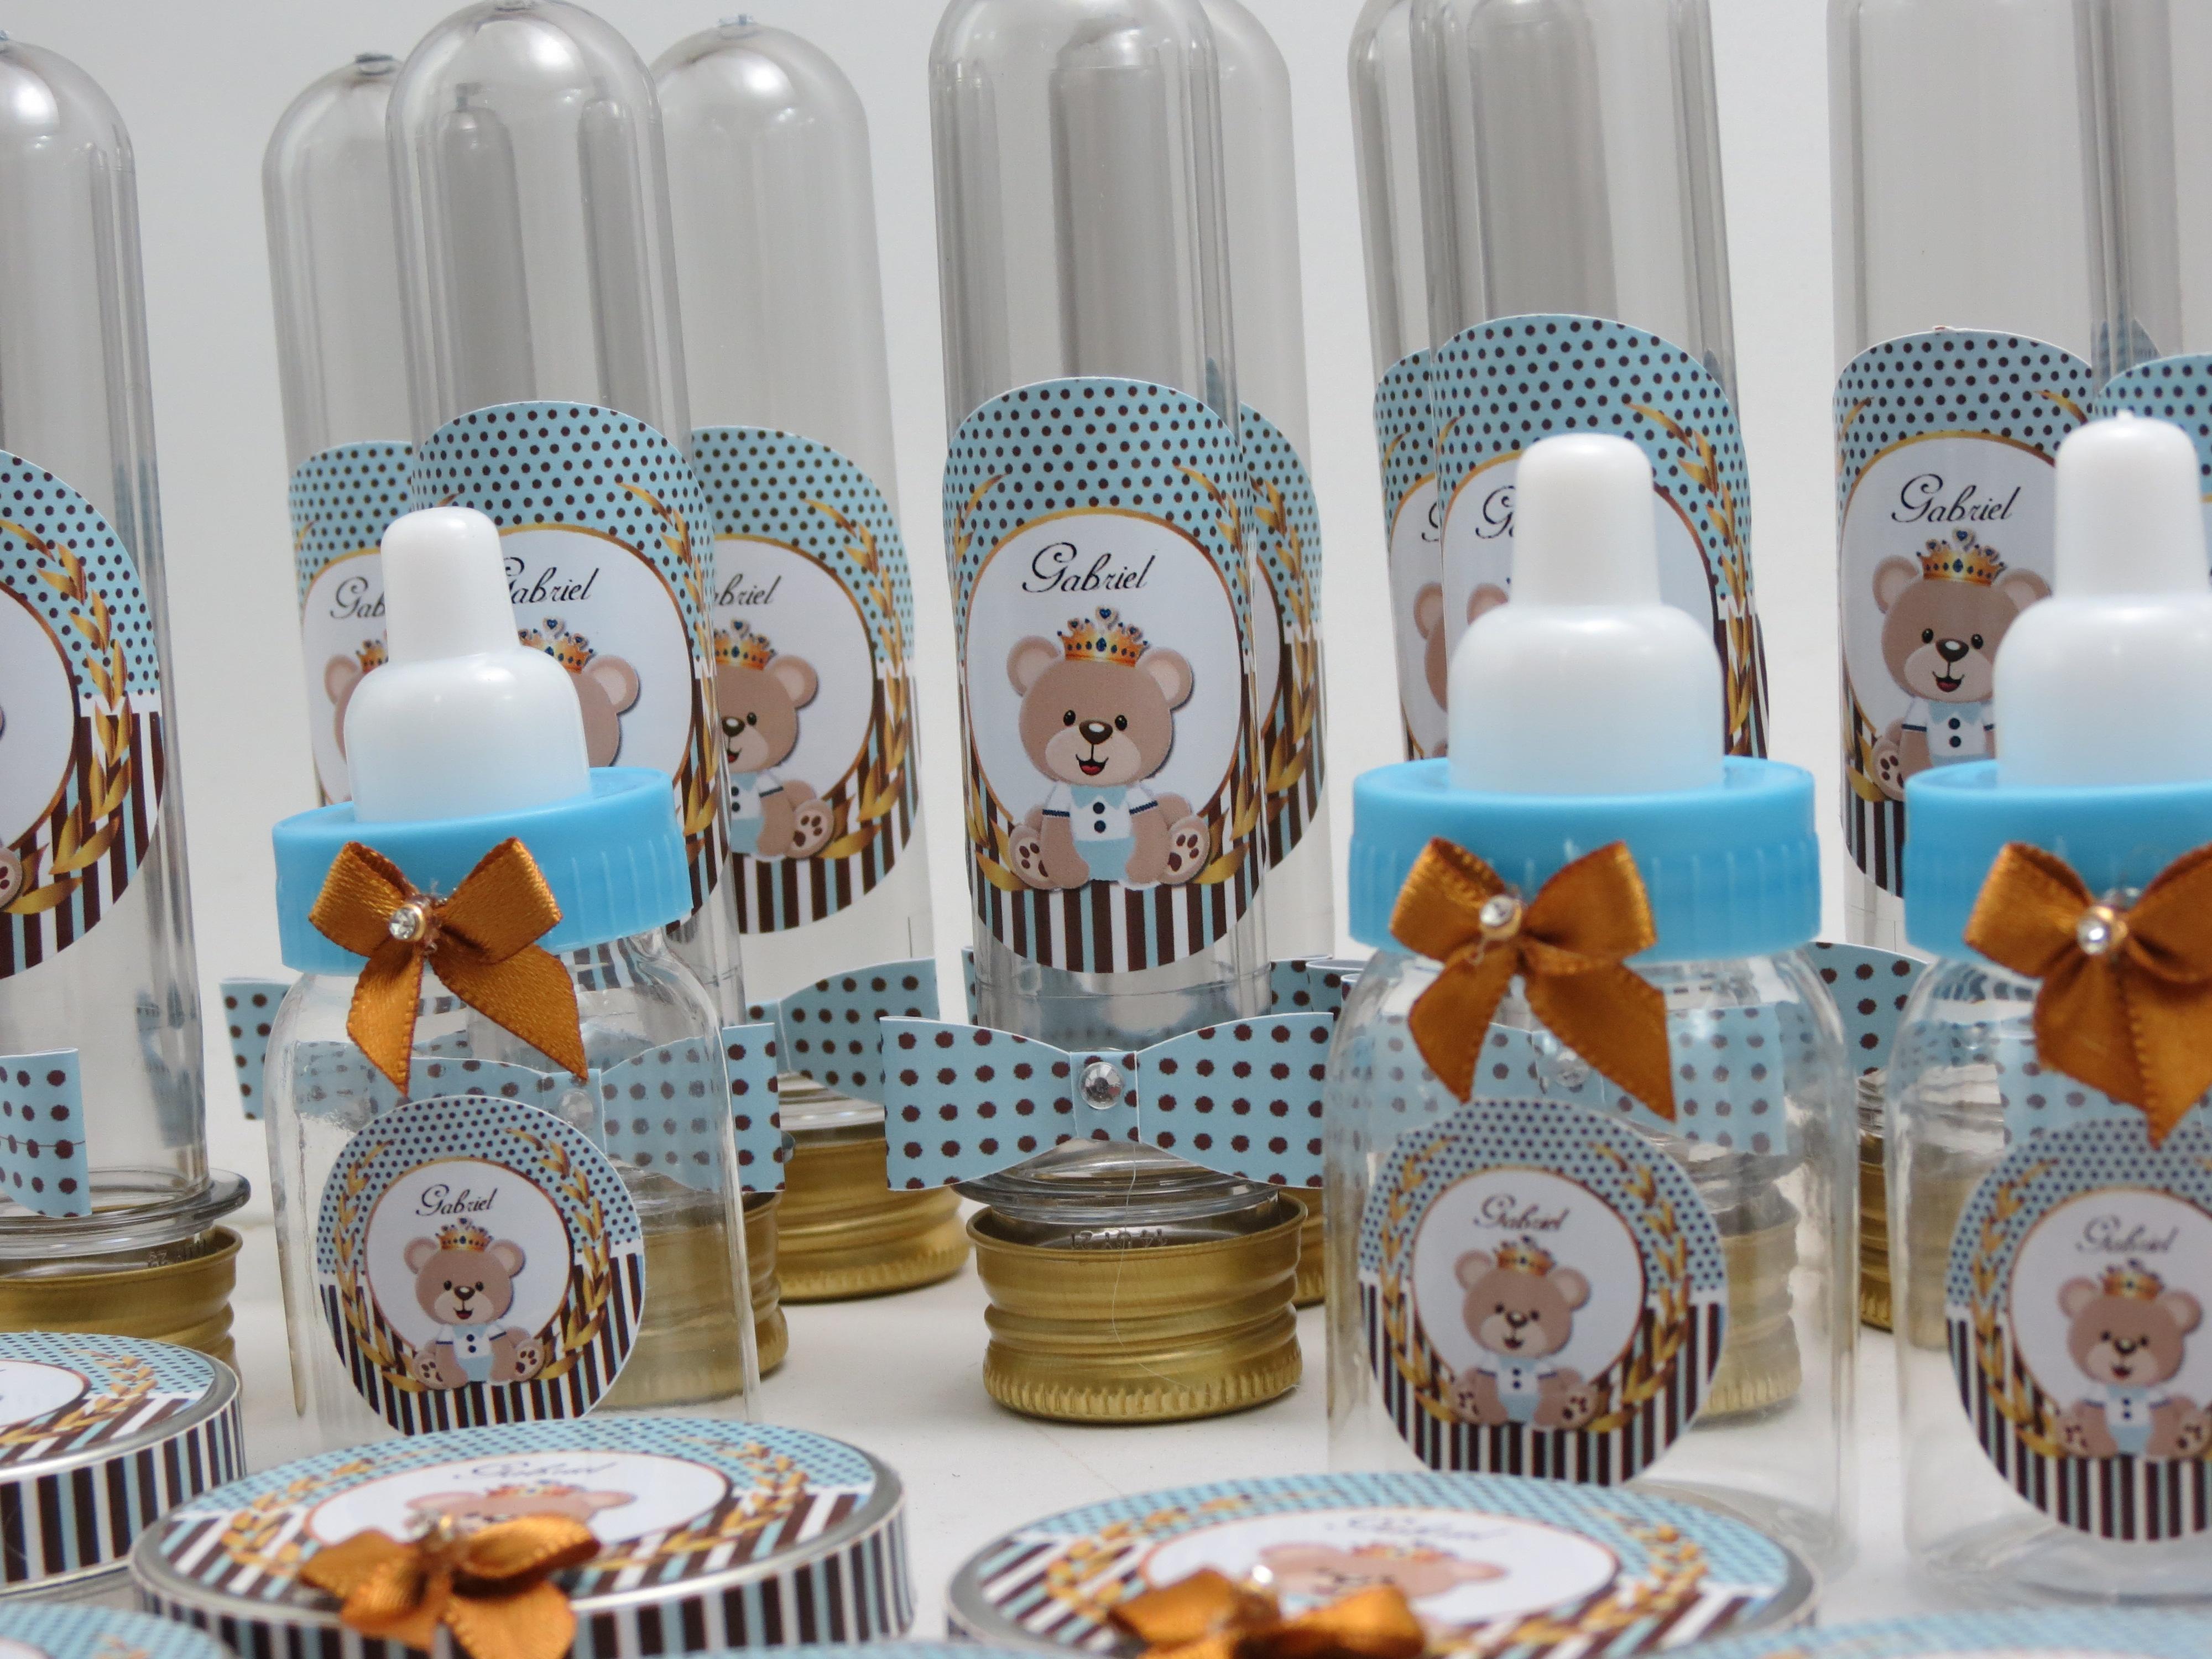 Excepcional Kit para chá de bebê Urso Príncipe no Elo7 | Maria Lara  PE59